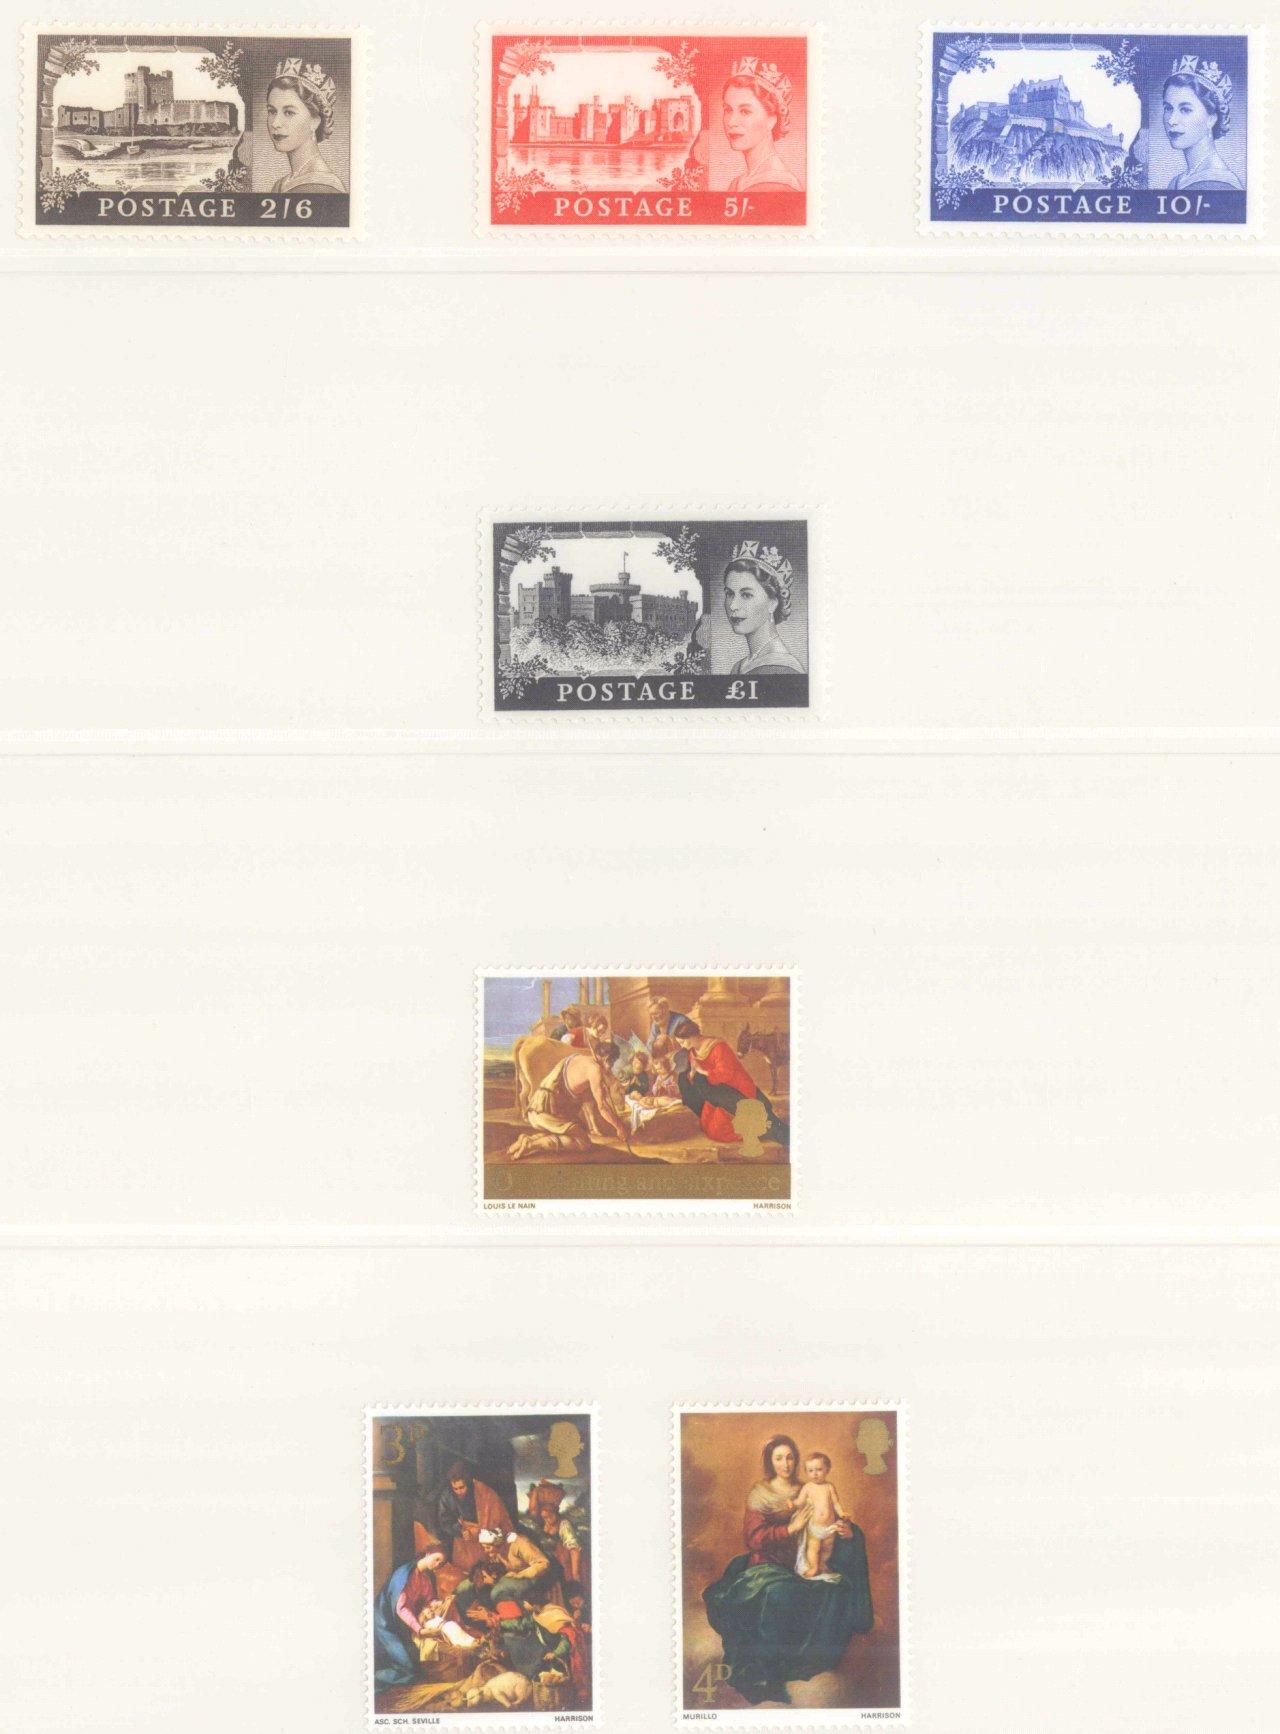 GROSSBRITANNIEN 1967-1985, NOMINALE: 82,- BRITISCHE PFUND-2